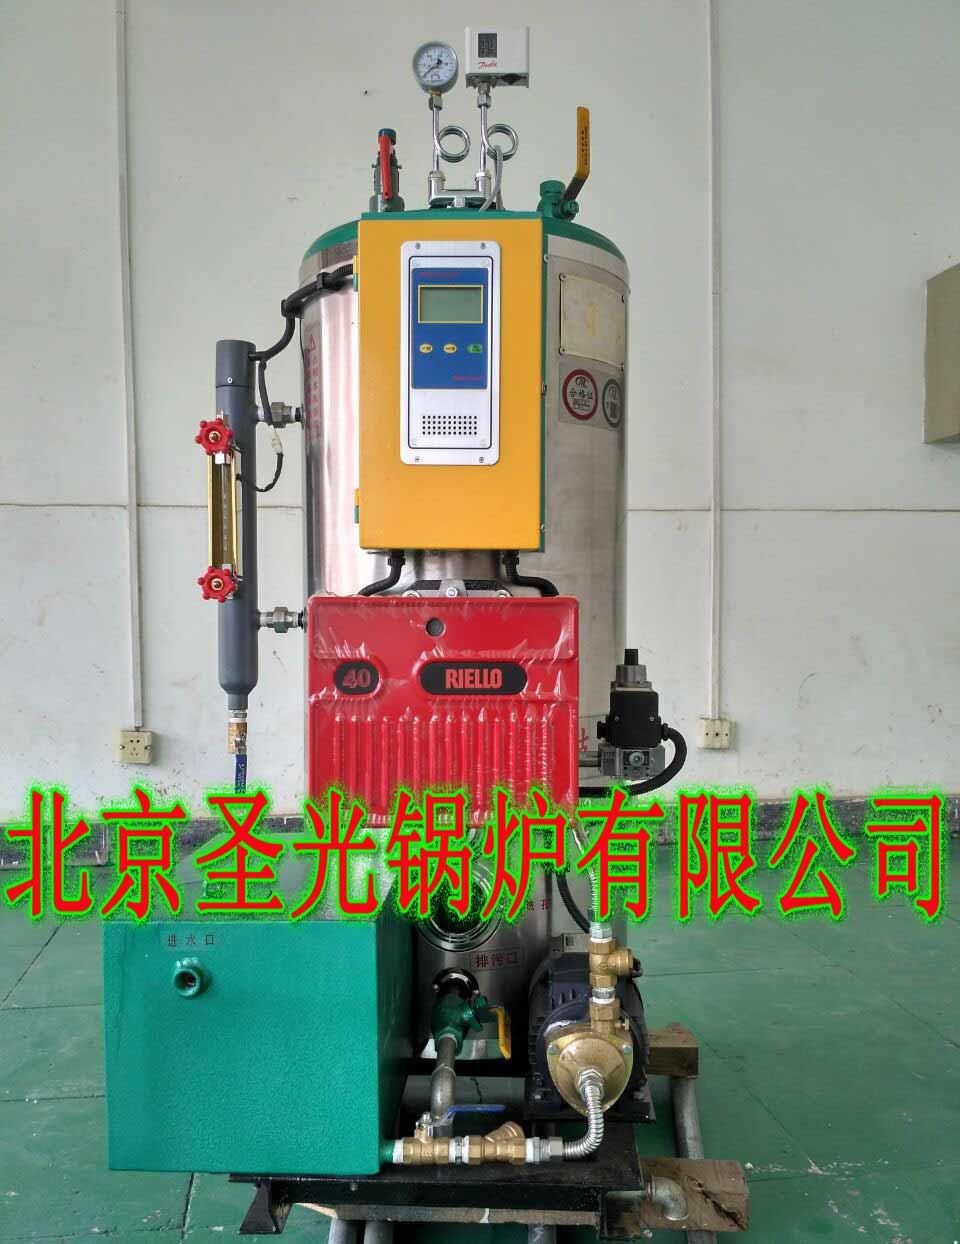 北京小型免检型燃气蒸汽锅炉